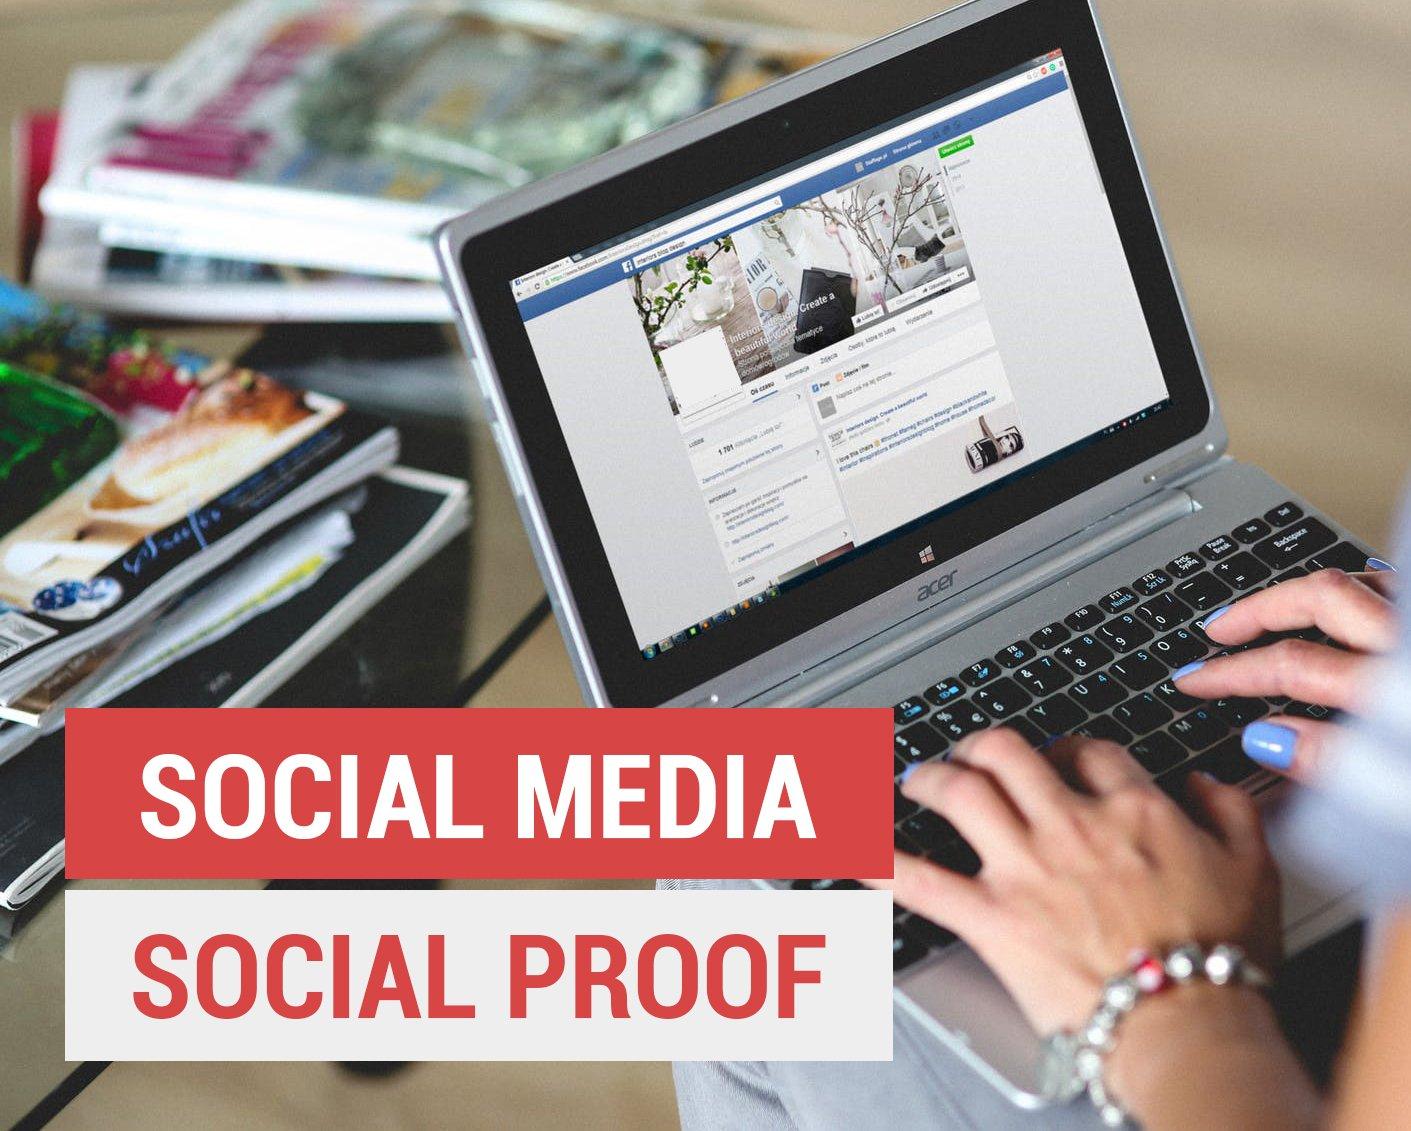 social proof on social media